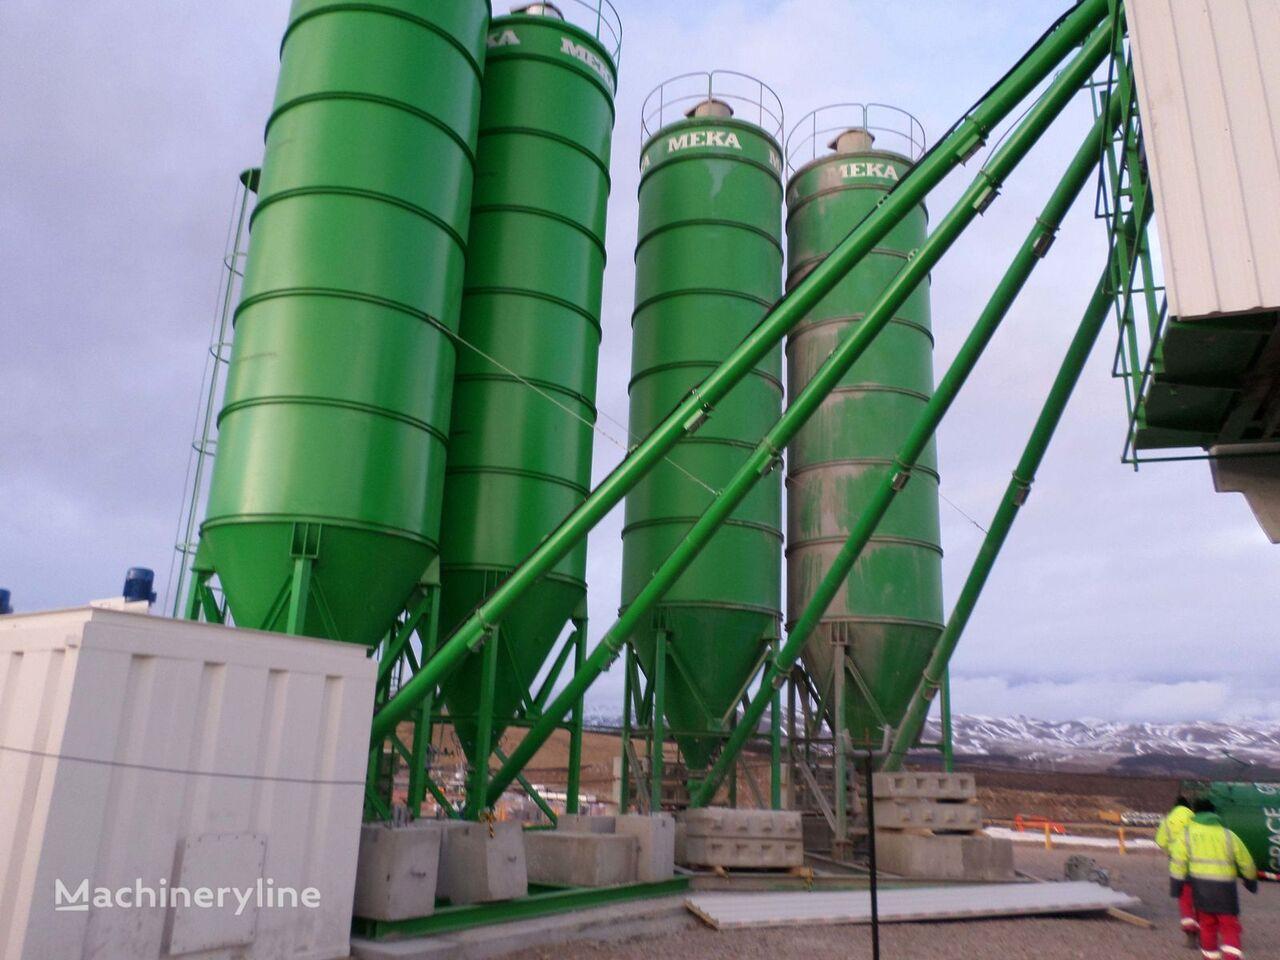 jauns MEKA Razlichnoe oborudovanie betona rūpnīca